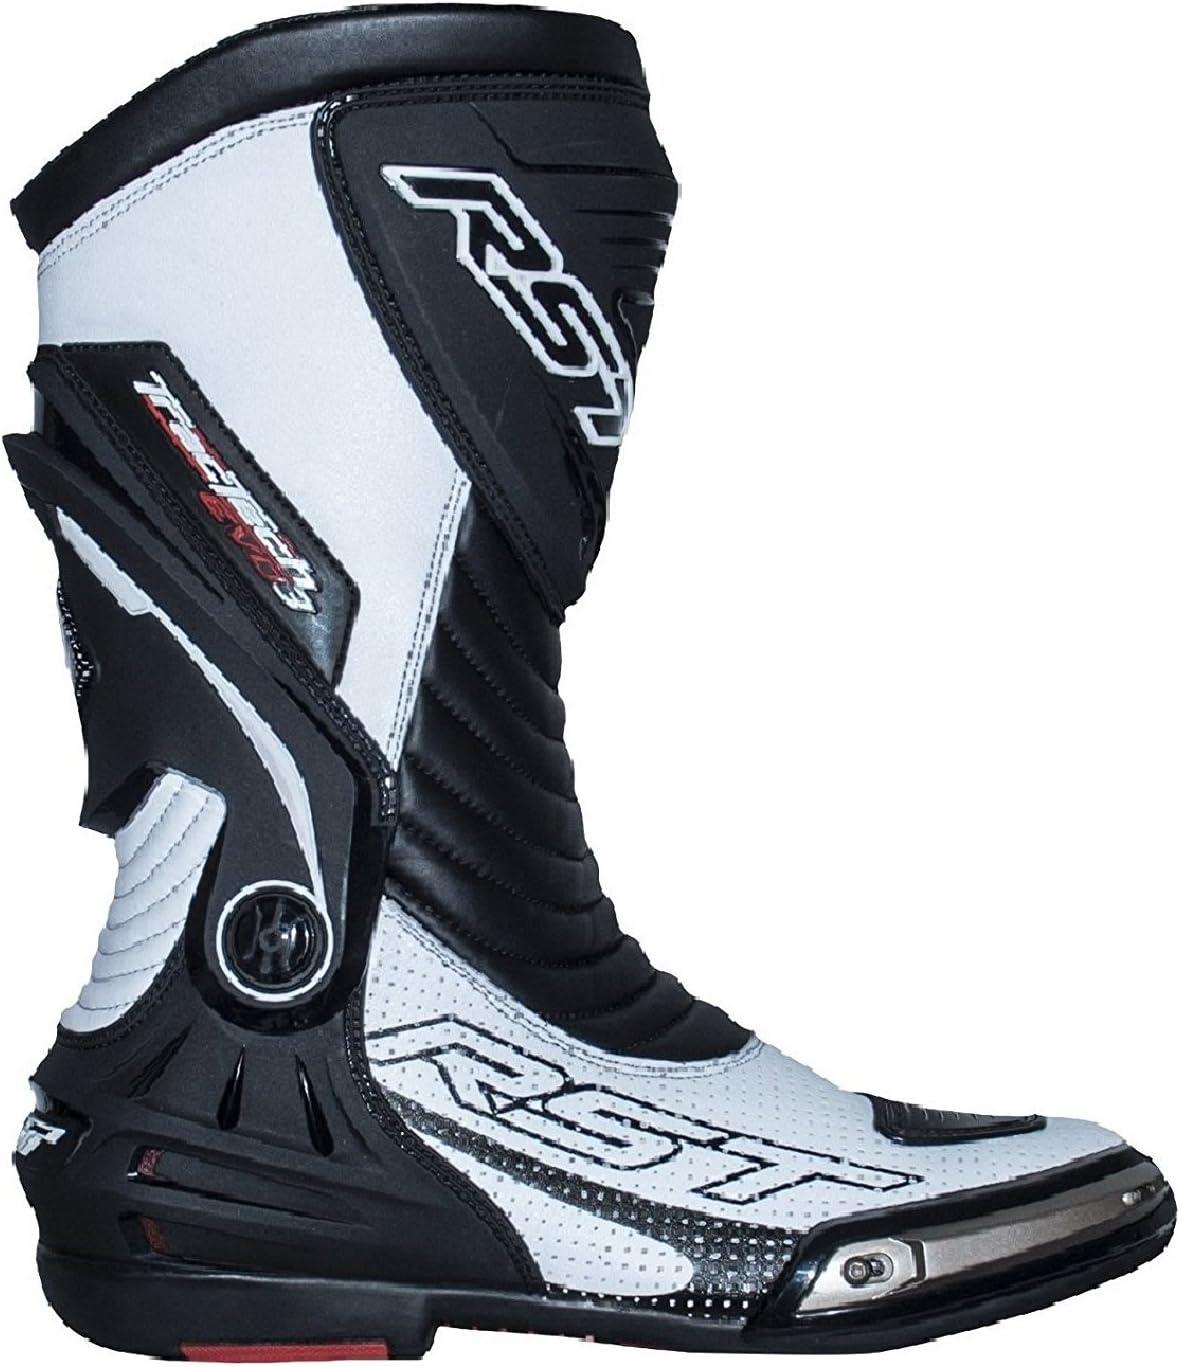 RST Bottes de Moto Adultes 2101 TRACTECH Evo III Bottes Moto GP Quad ATV Rue sur la Route Piste de Course Super Moto tourn/ée Sports certifi/és CE Bottes